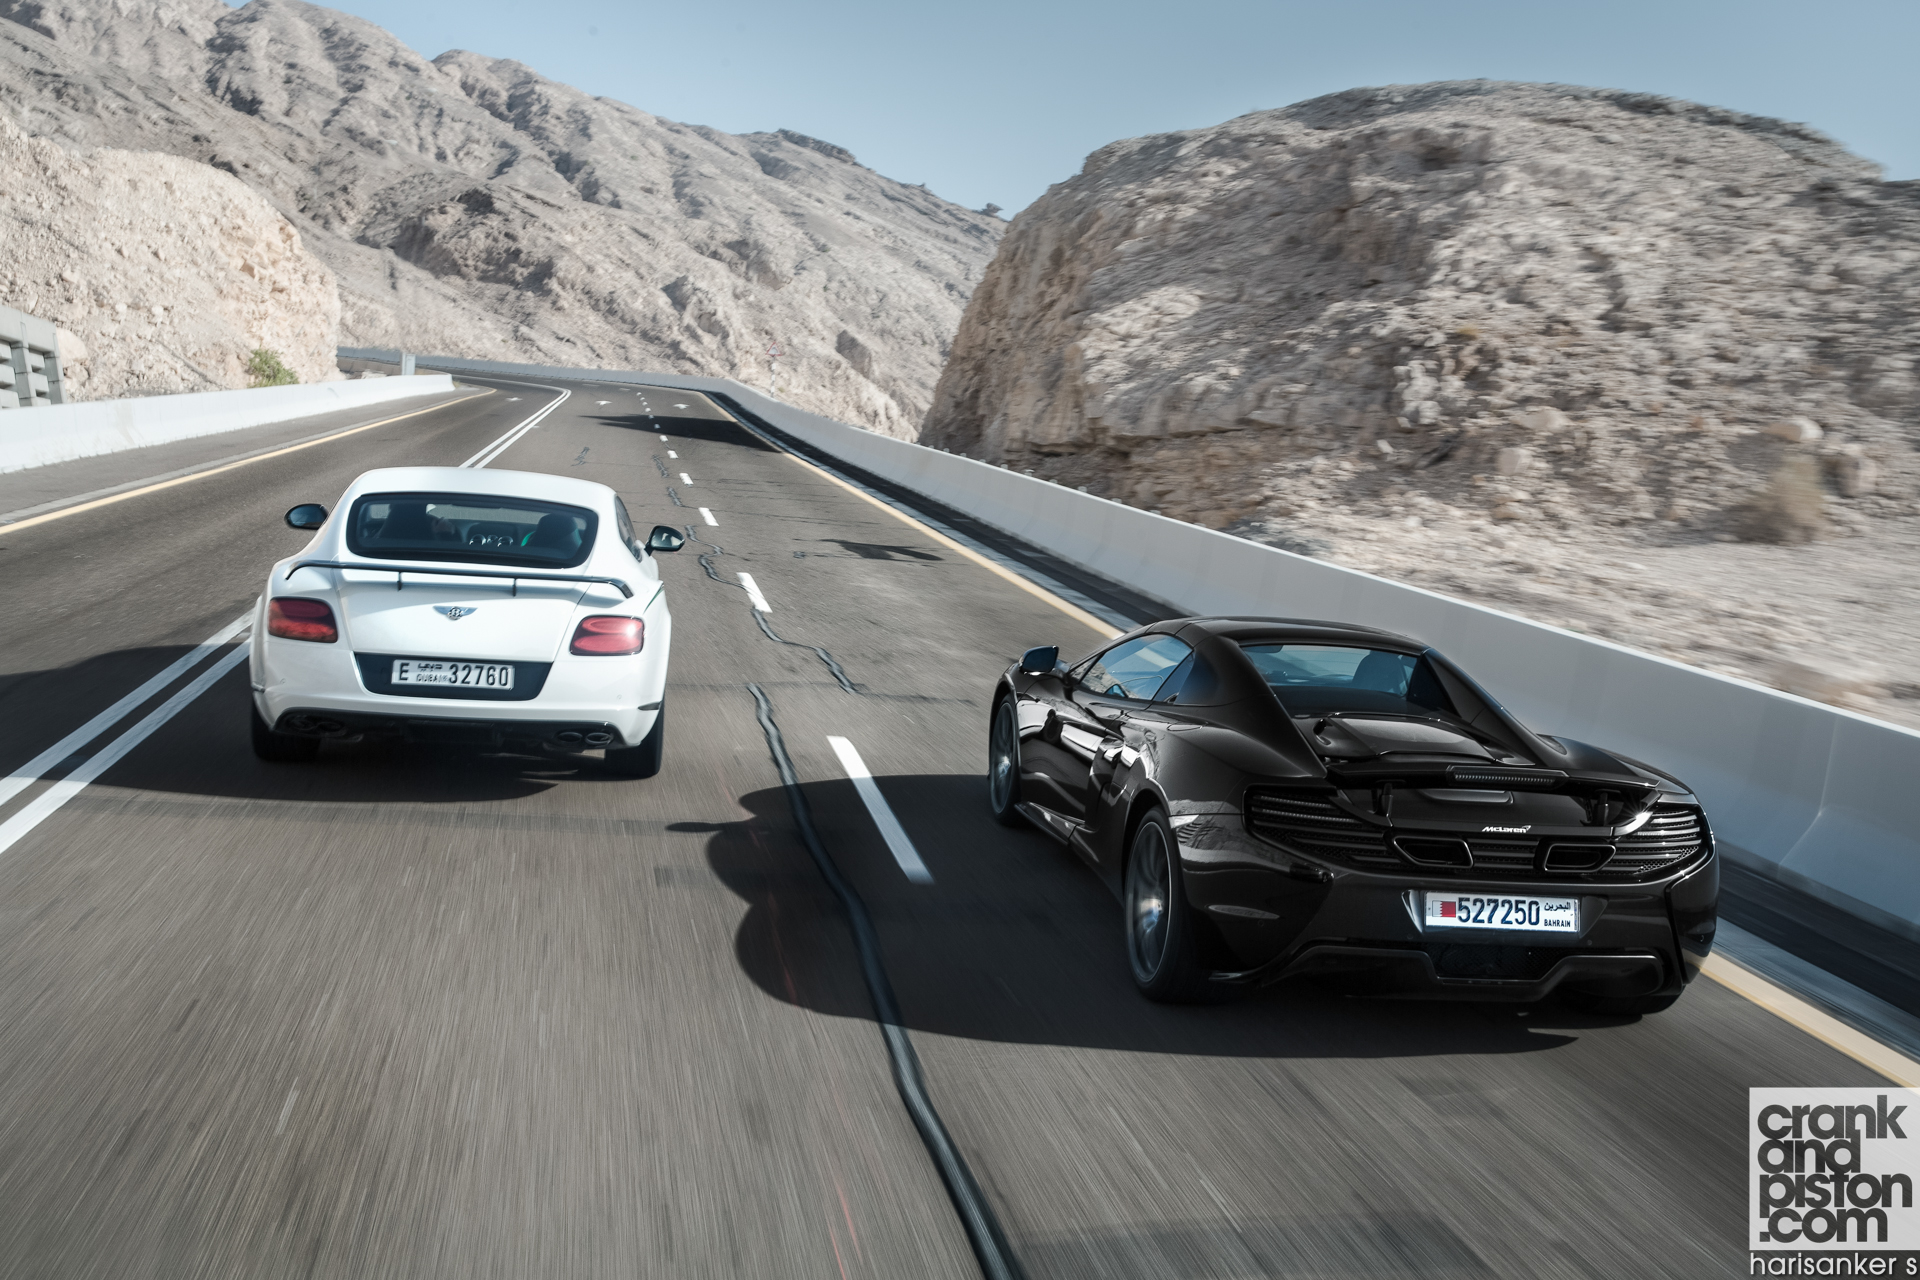 Bentley-Continental-GT3-R-vs-McLaren-650S-Spider-Wallpapers-7